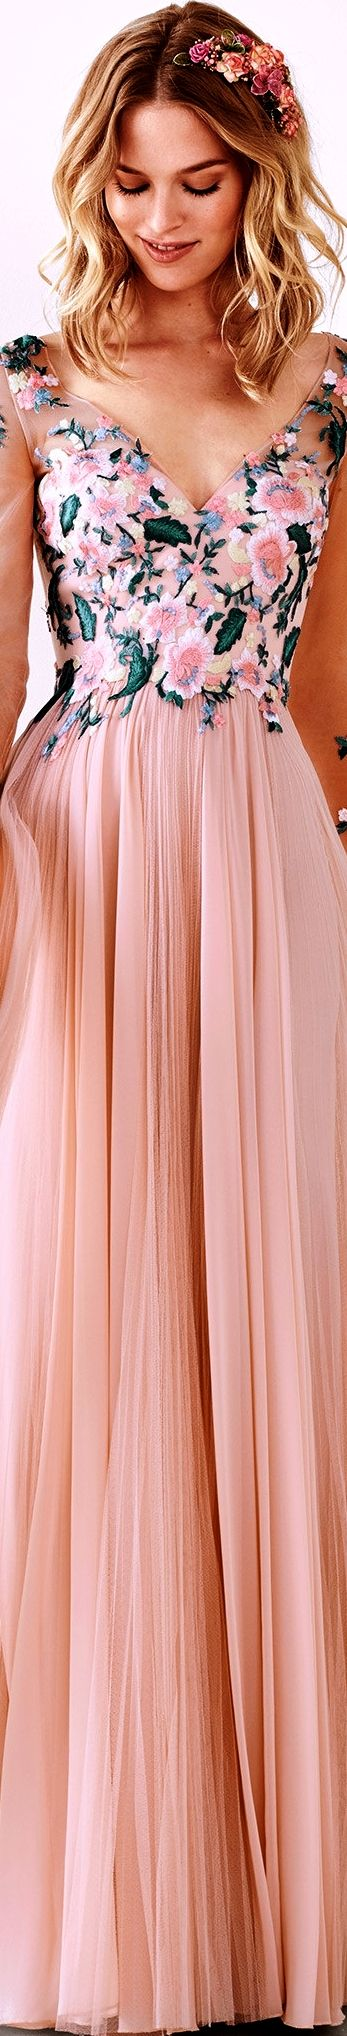 99 best Atelier Pronovias (& Bridal, Cocktail Dresses) images on ...